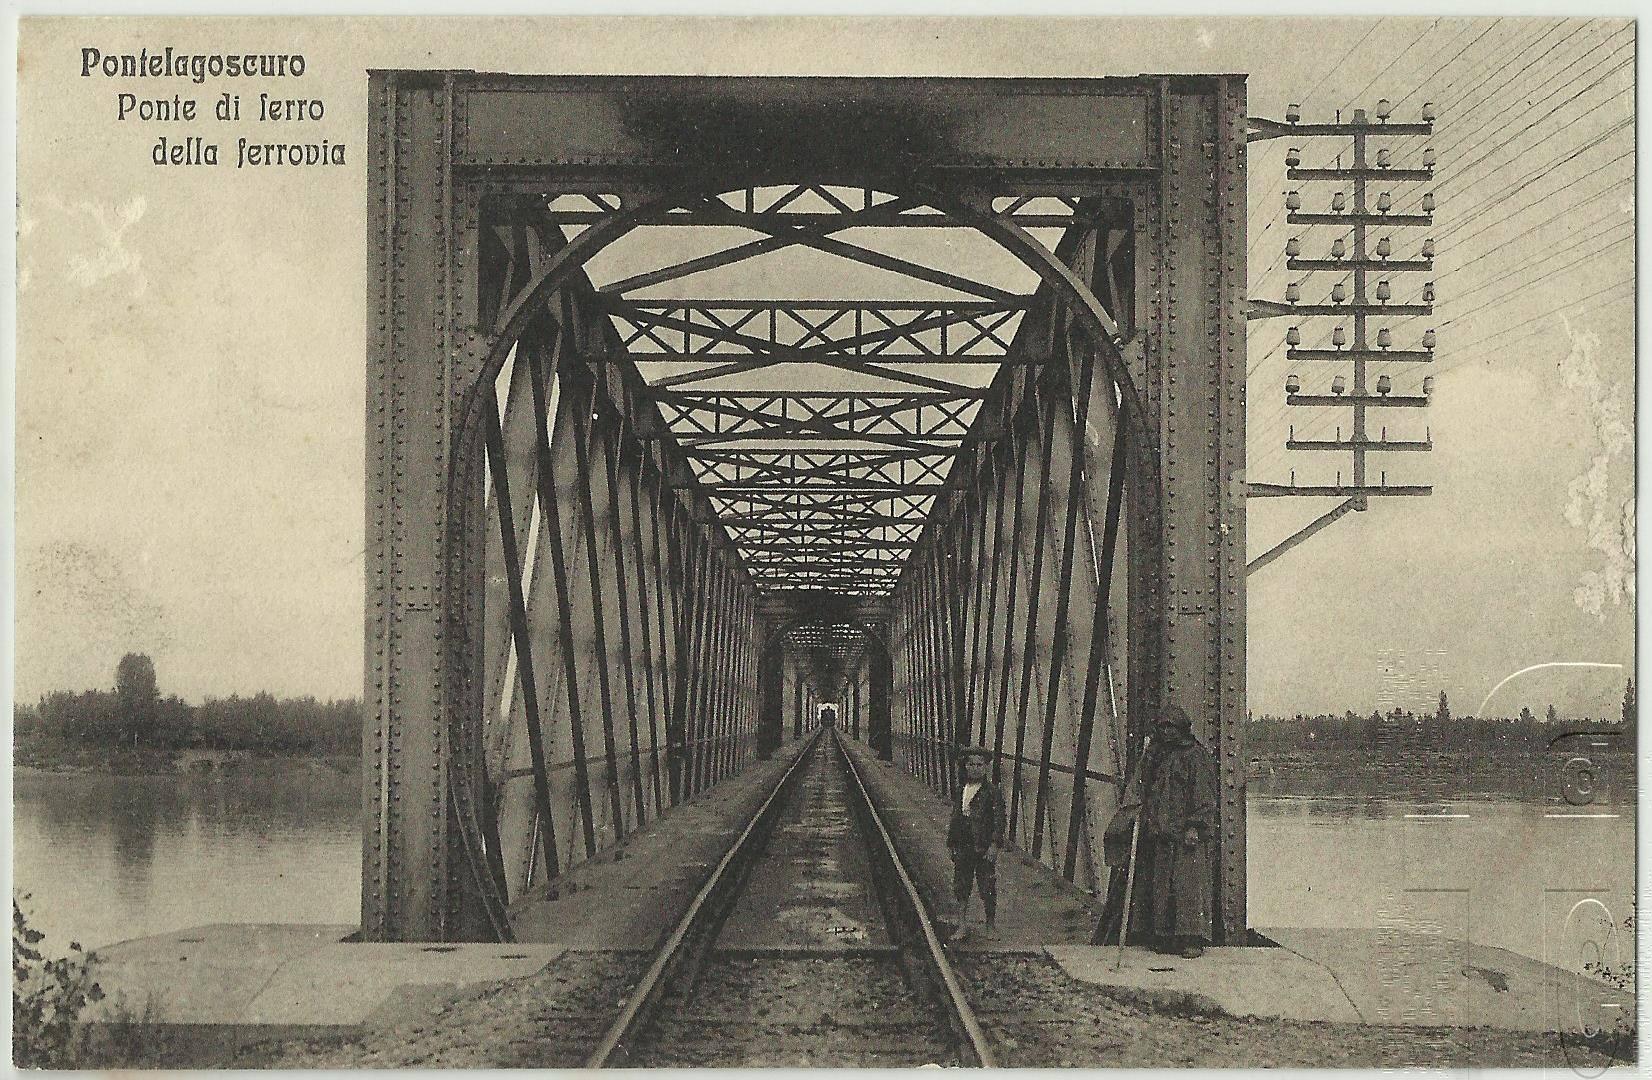 Il vecchio ponte di ferro inaugurato nel 1912